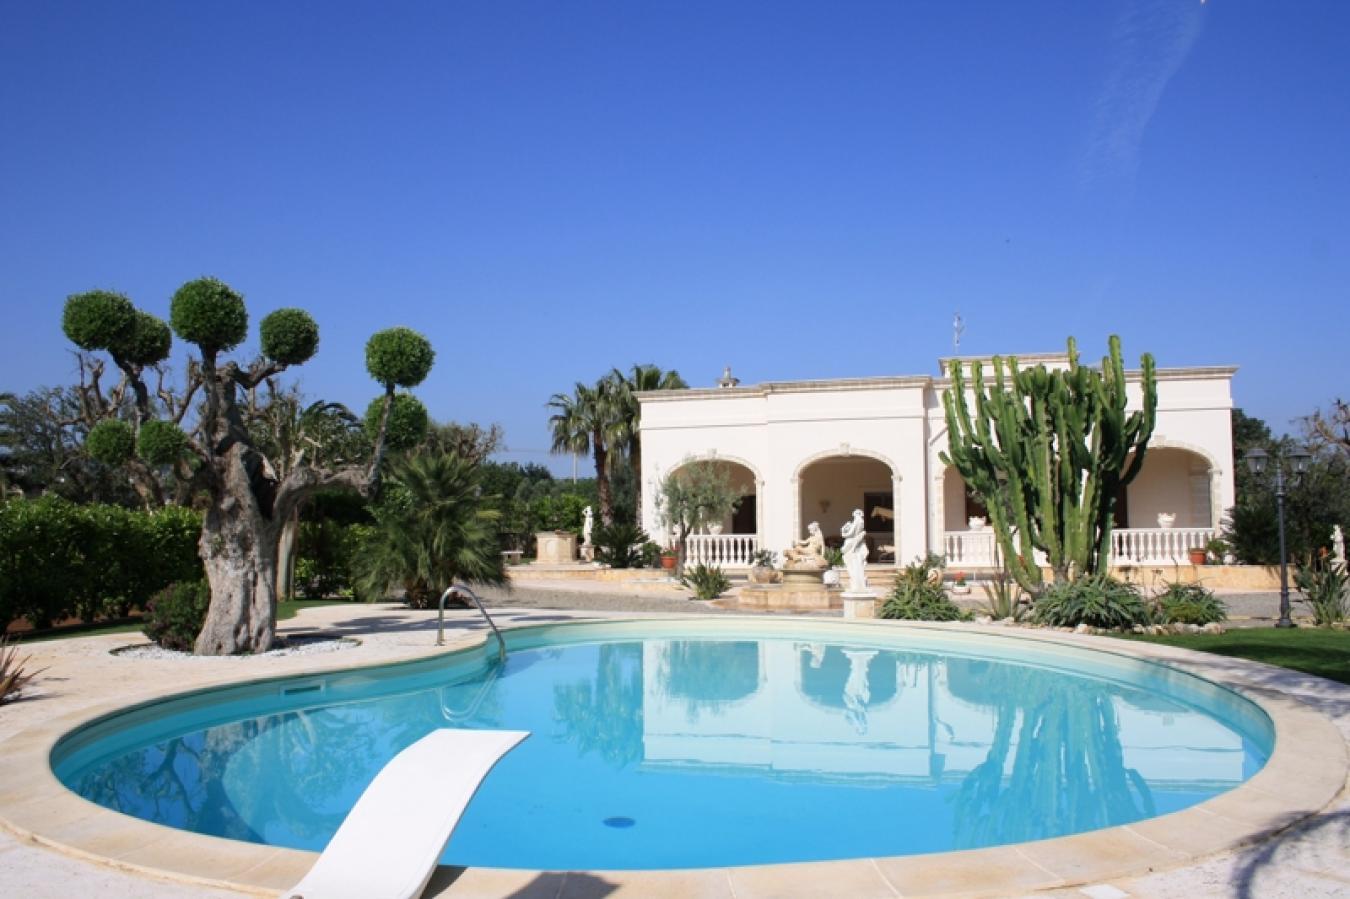 Affitto villa con piscina a fasano savelletri masseria - Villa con piscina salento ...